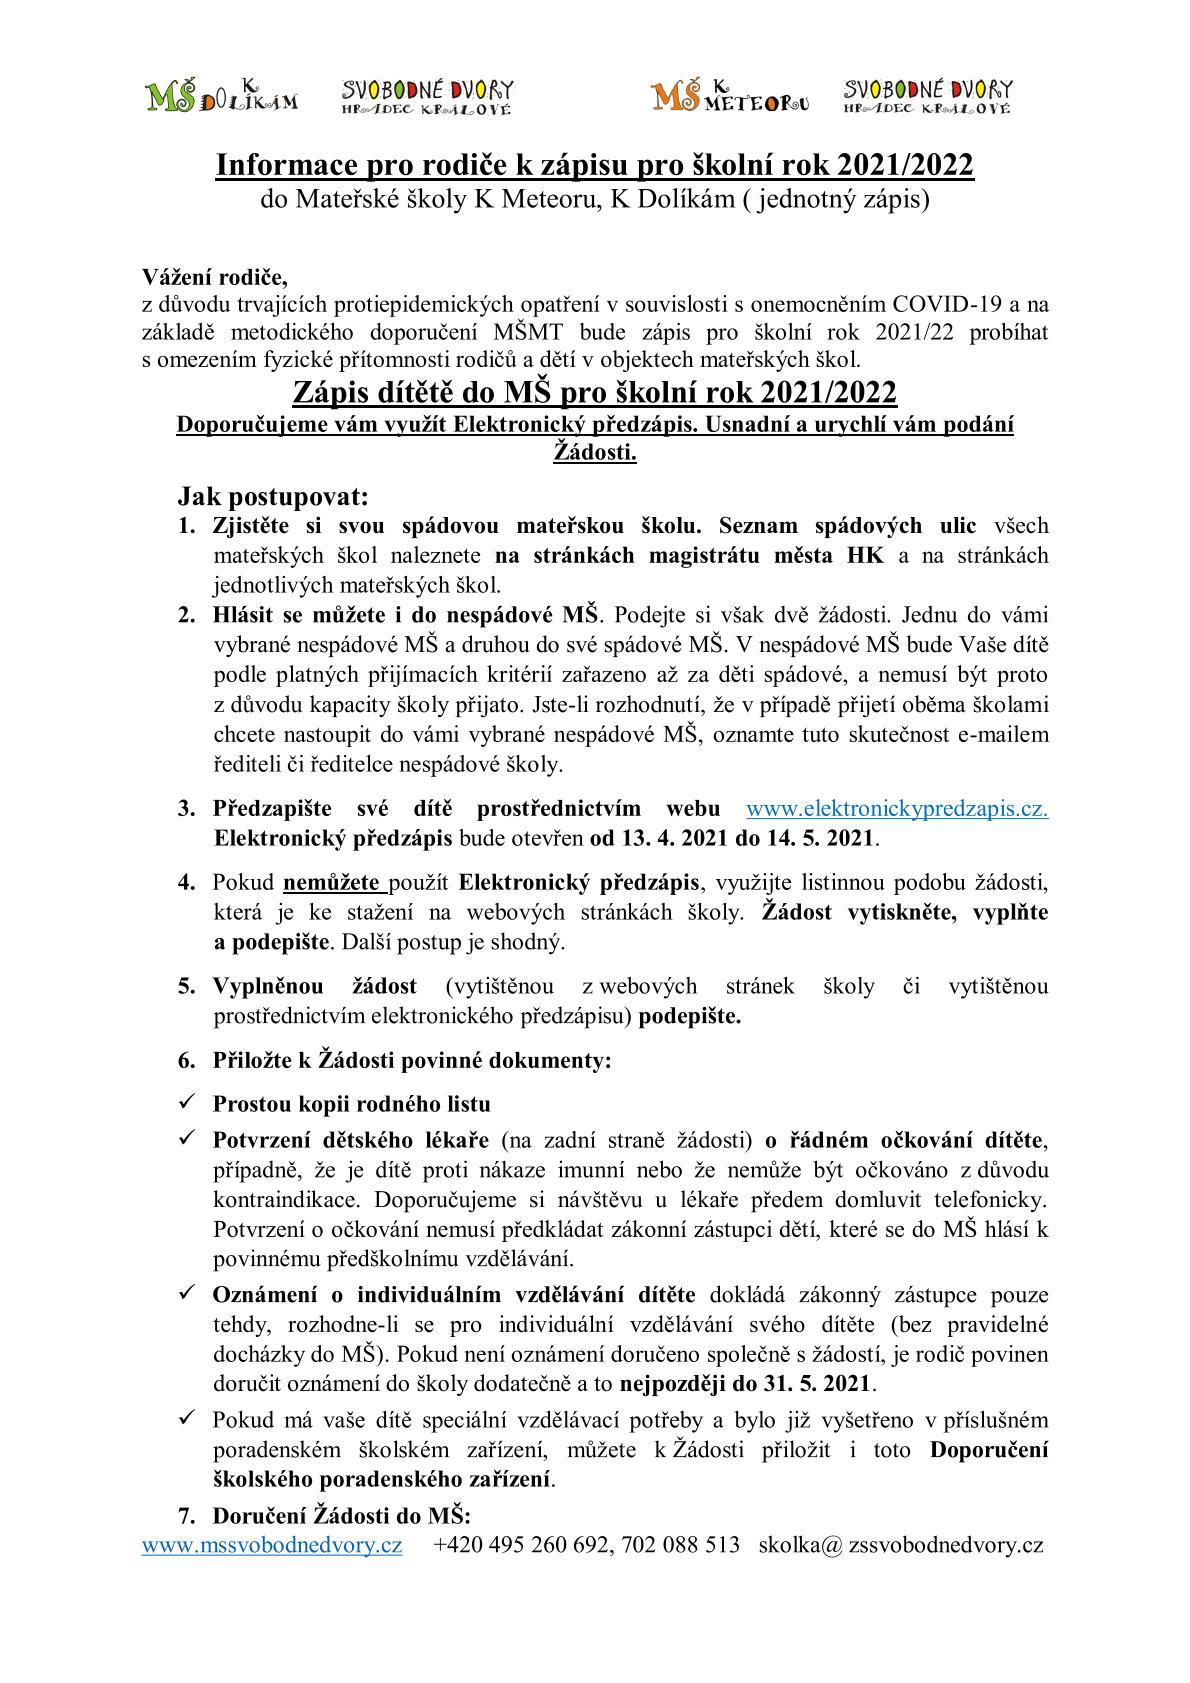 Zápis do MŠ 2021/2022